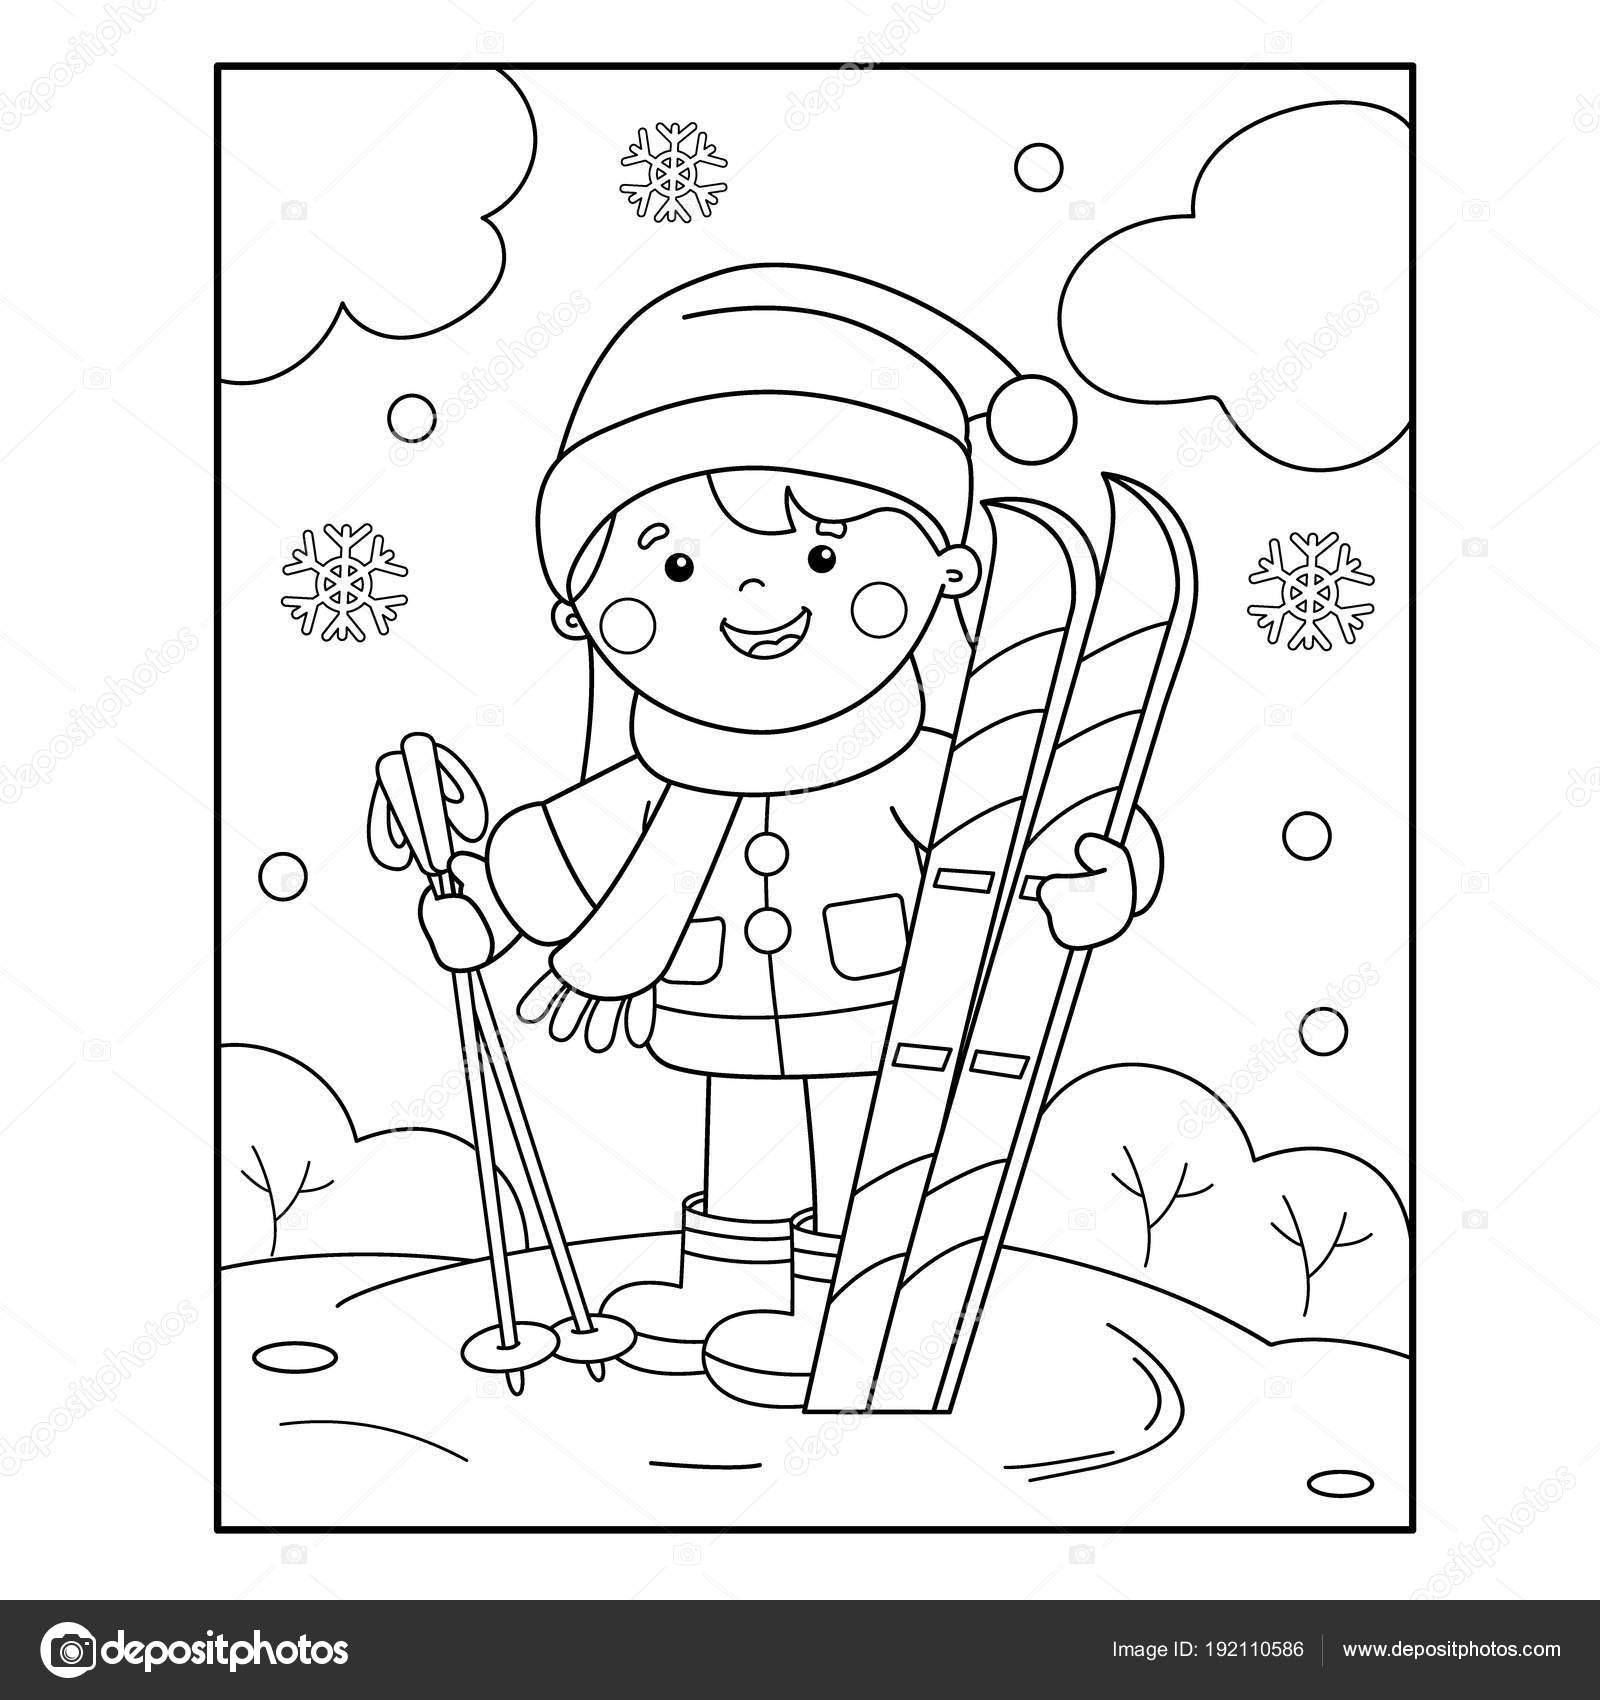 Kleurplaten Wintersport.Kleurplaat Pagina Overzicht Van Cartoon Meisje Met Ski S